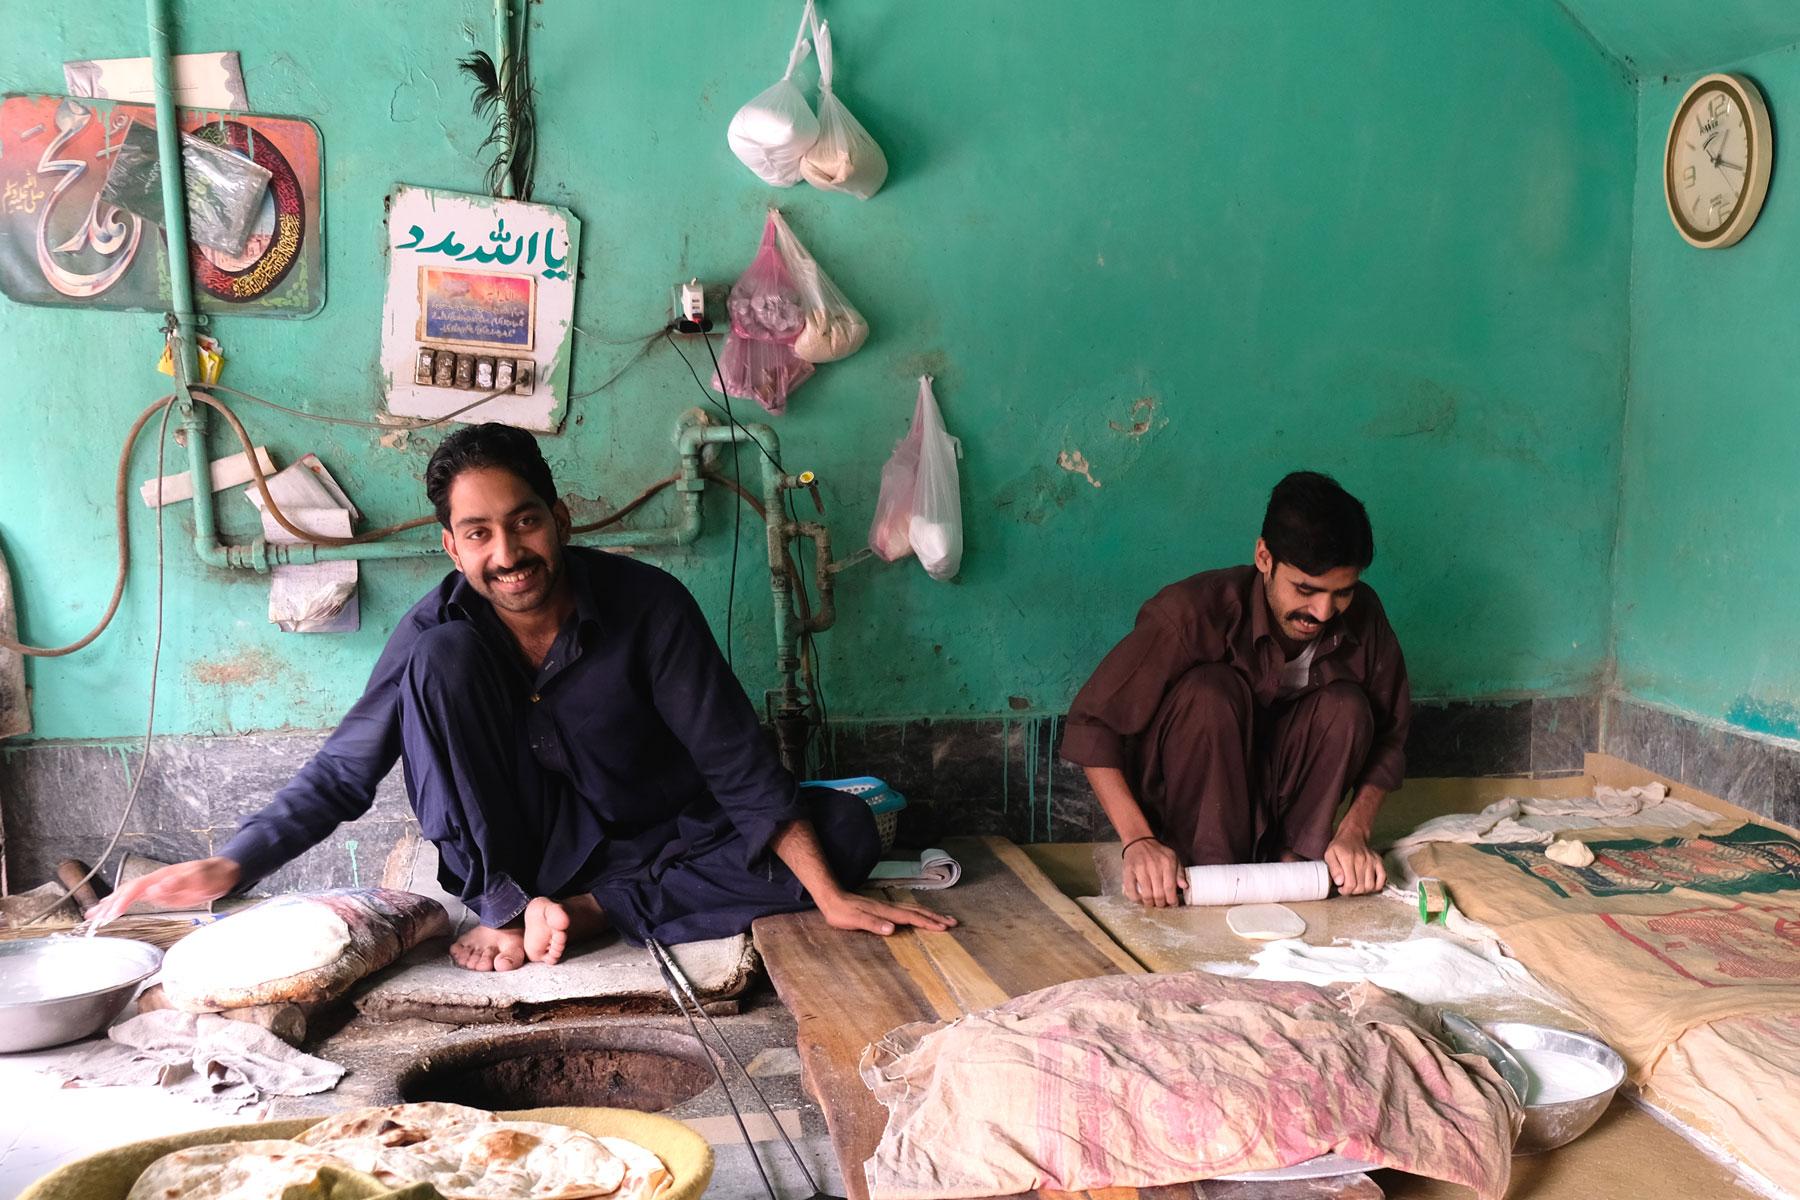 Pakistanische Männer rollen auf dem Boden hockend Teig für Fladenbrote aus.